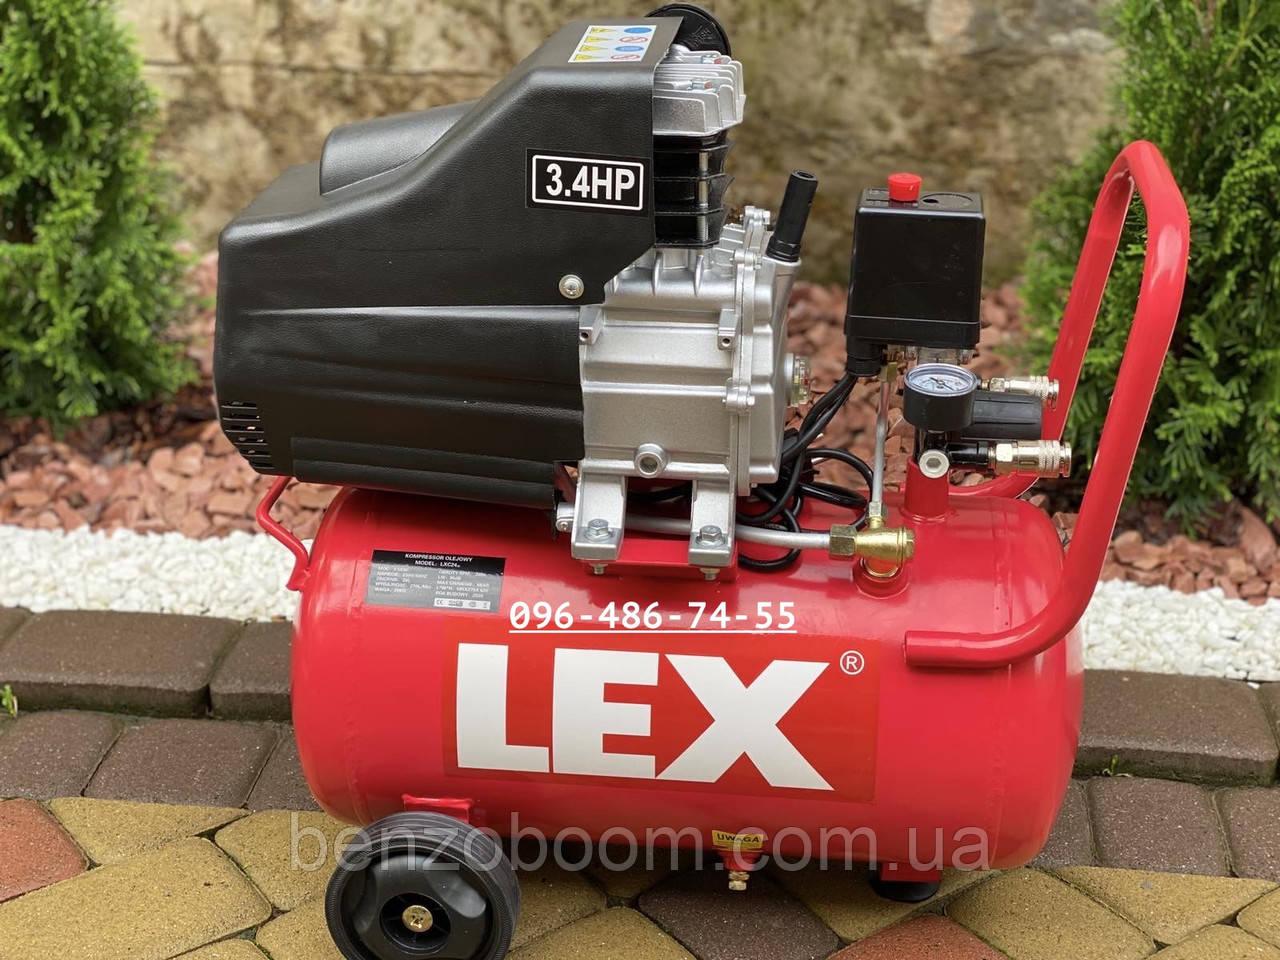 Компрессор масляный воздушный Lex LXC24 компресор